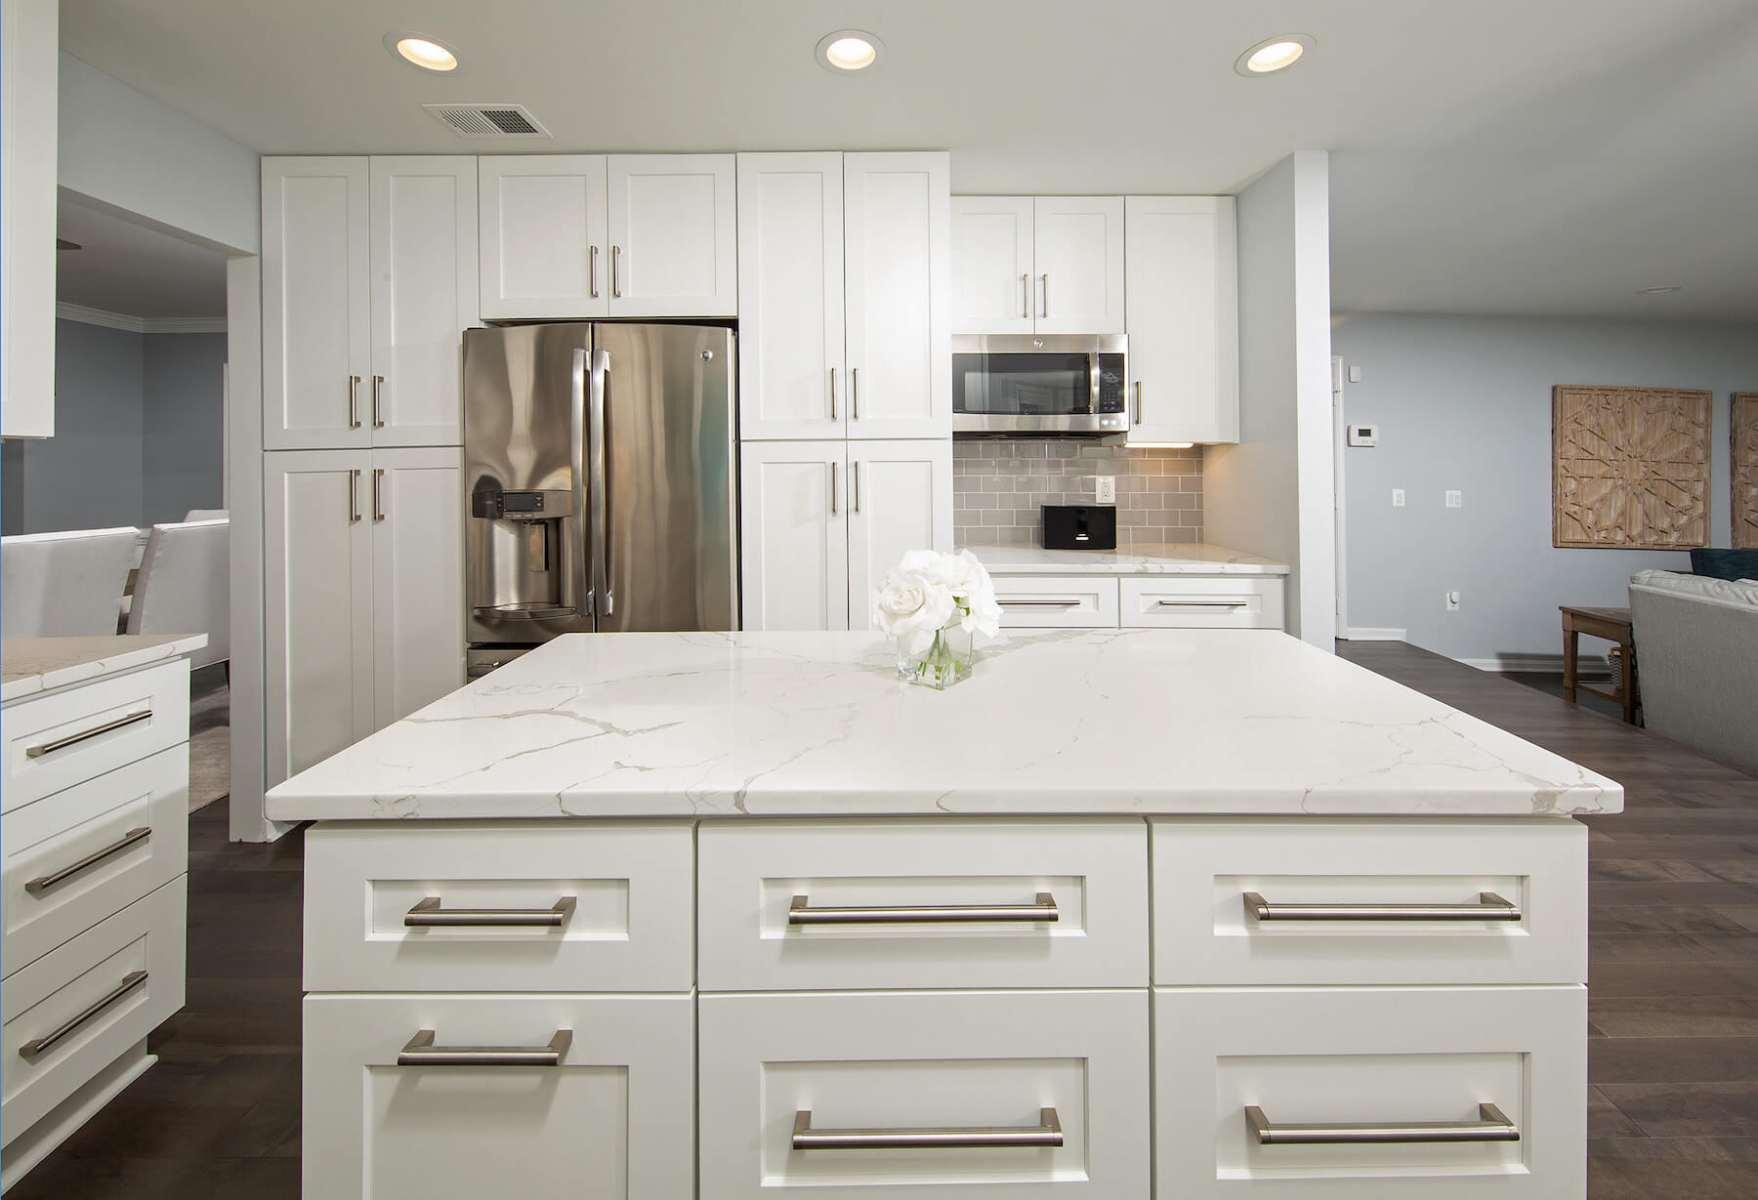 kitchen_5-24-19_348